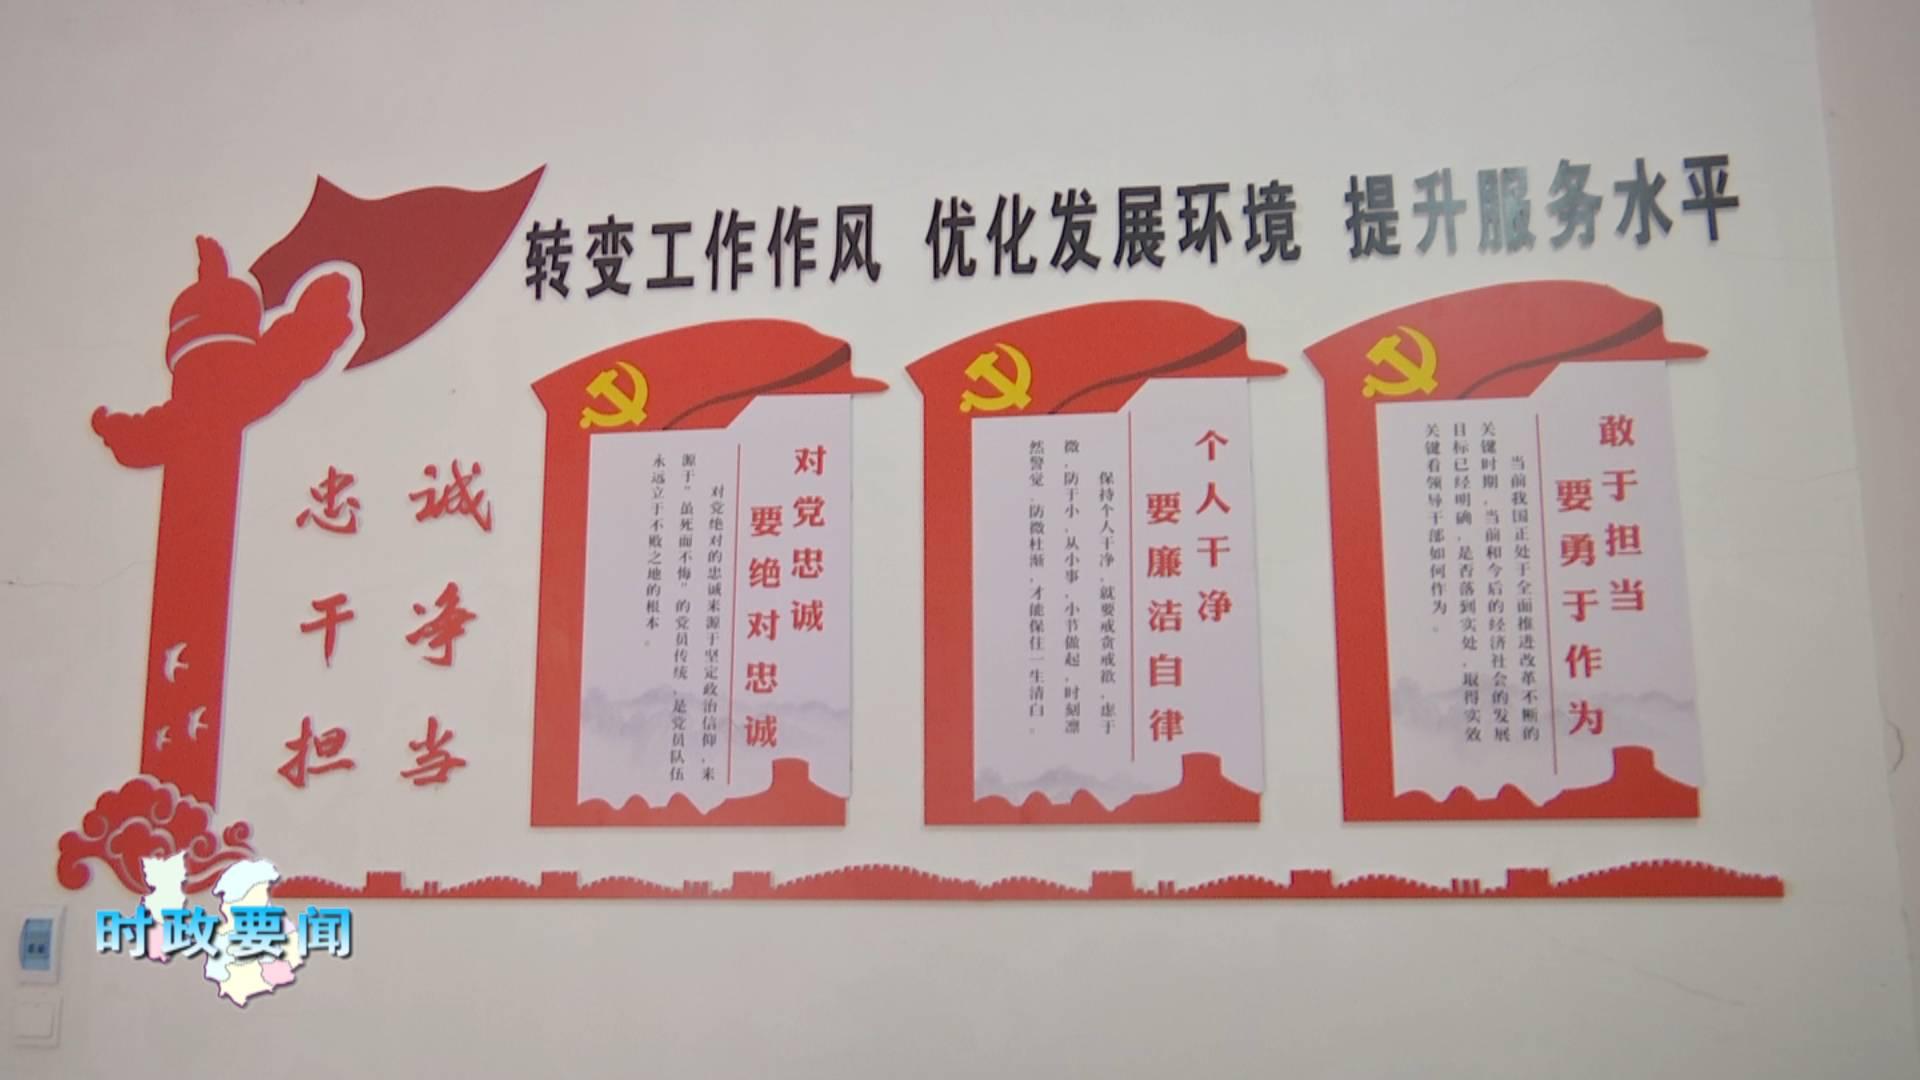 广丰:以求真务实之风狠抓扶贫领域作风建设